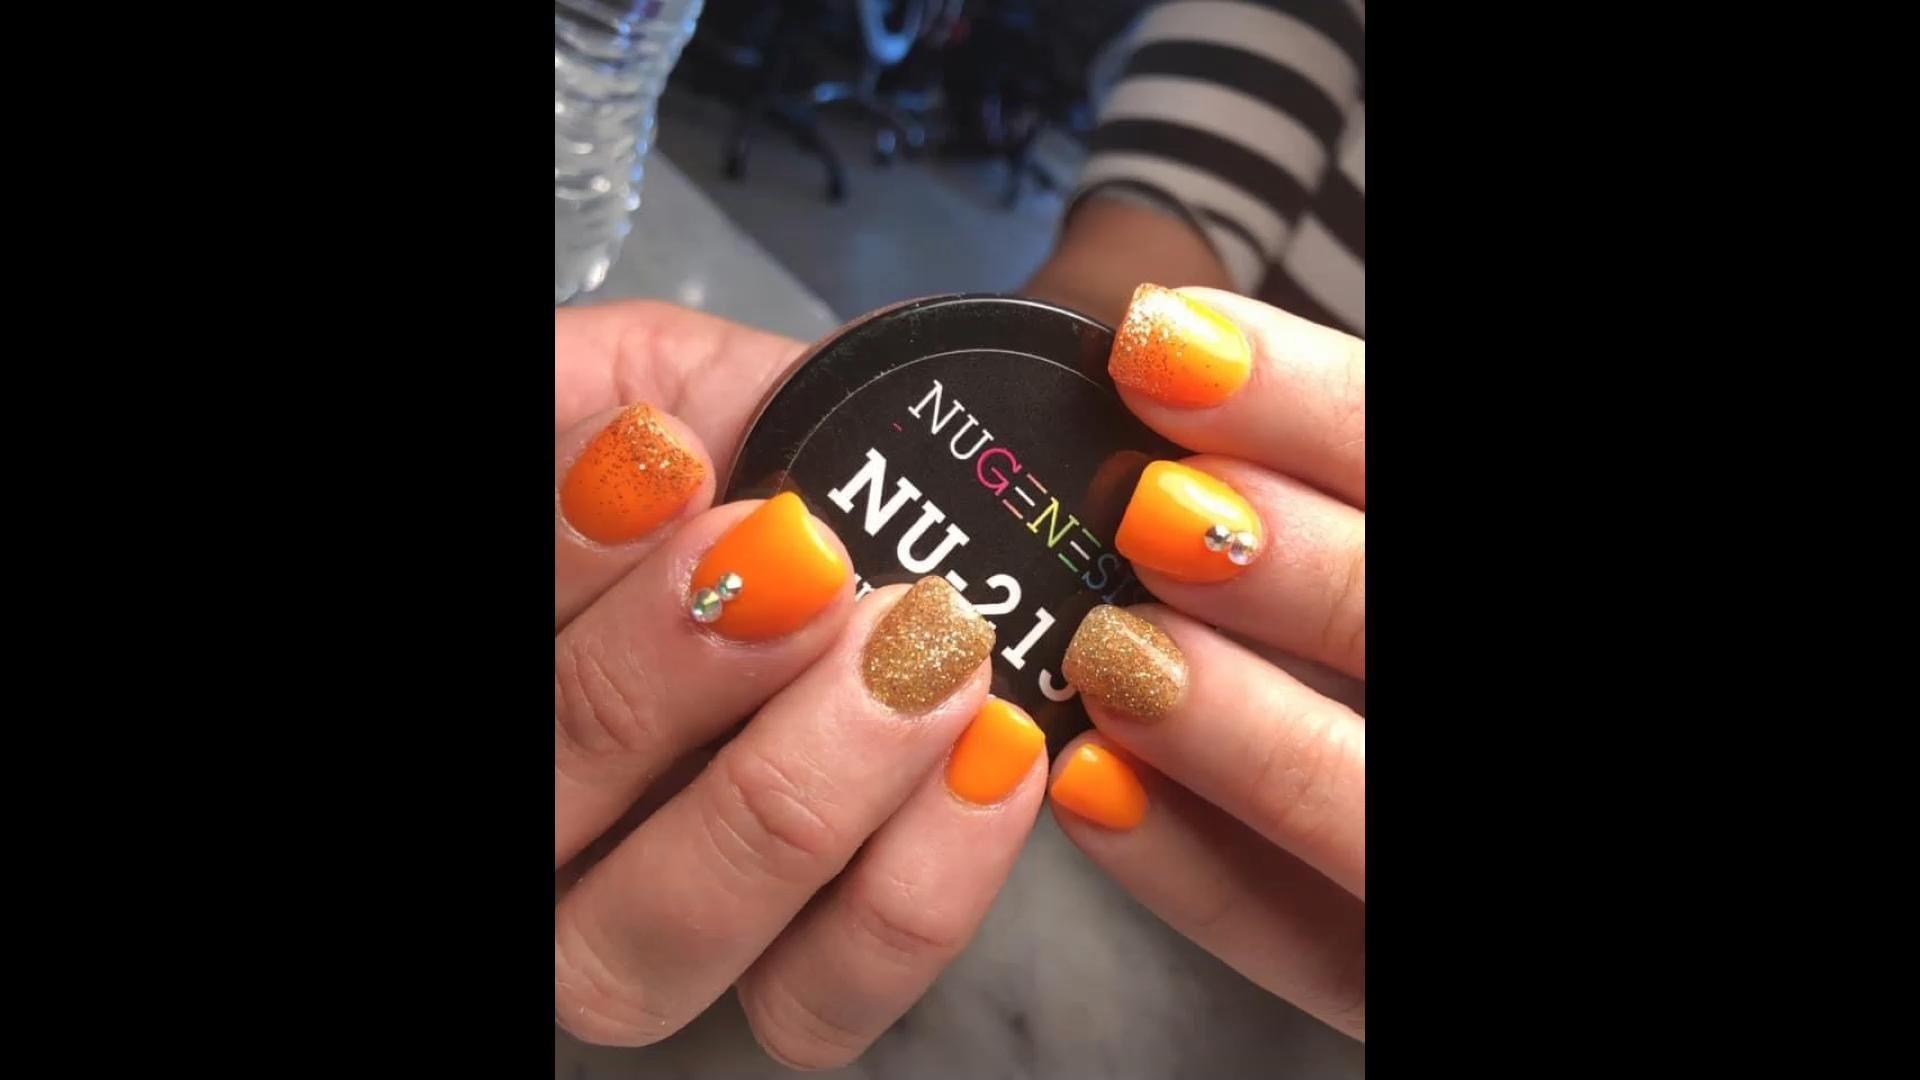 Nail Salon 48381 Milford Nail Spa Milford Mi 48381 Video Nail Art Gel Nails Nail Designs